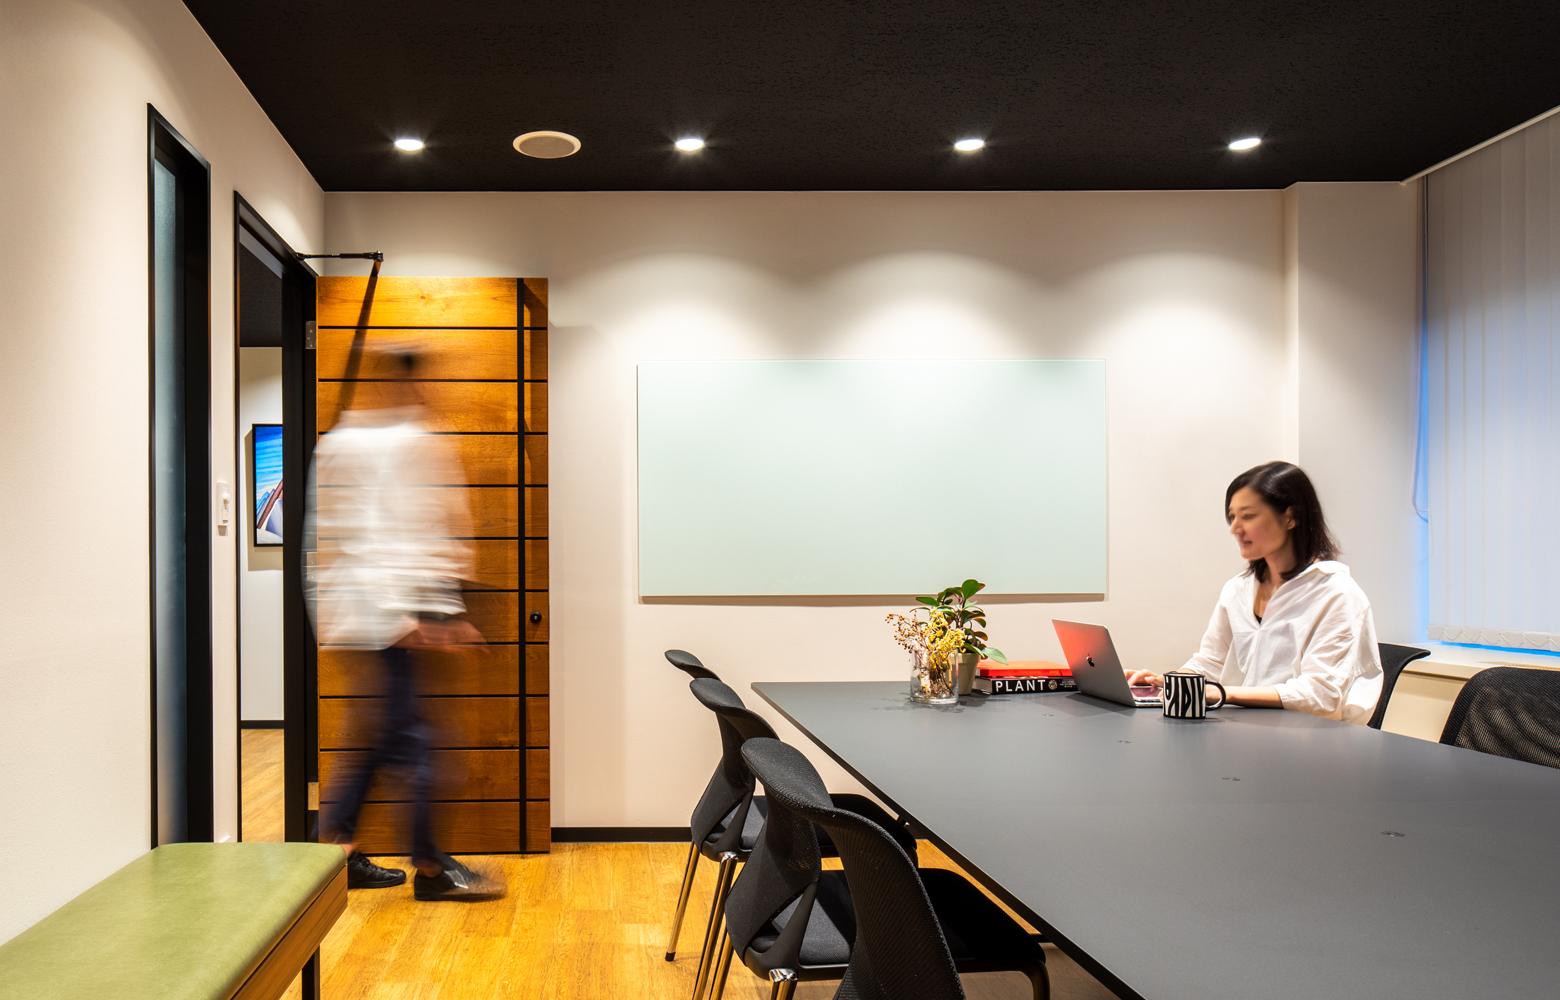 ロブソン株式会社 Meeting Room_3 デザイン・レイアウト事例